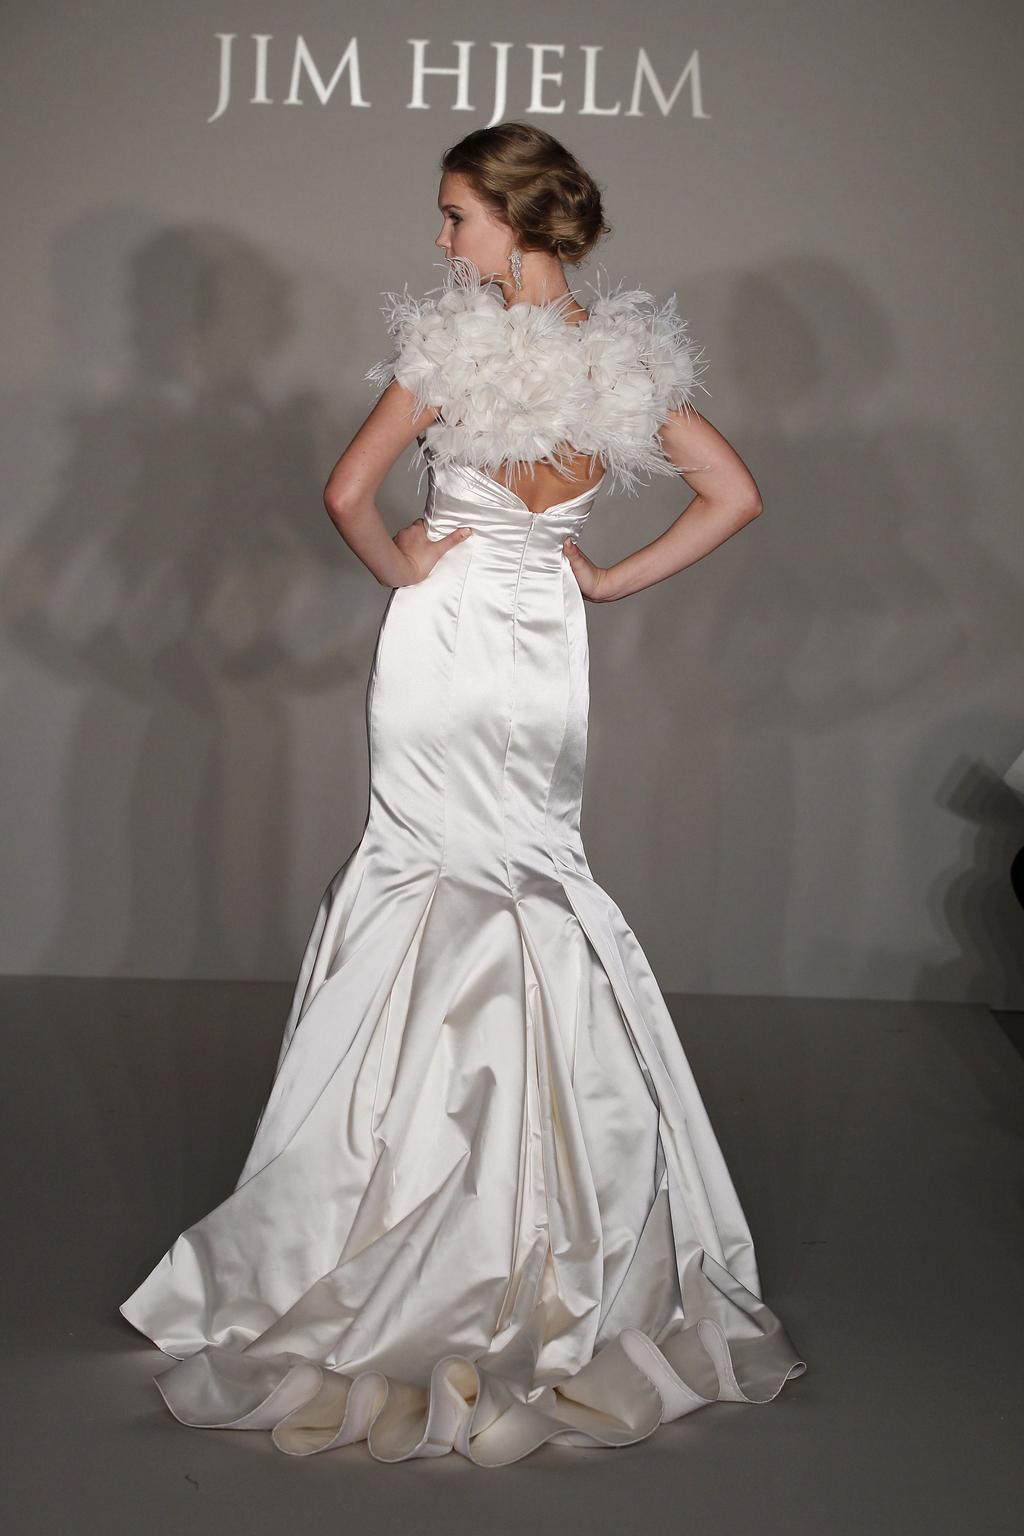 Jim-hjelm-wedding-dress-spring-2012-bridal-gowns-8202-back.full